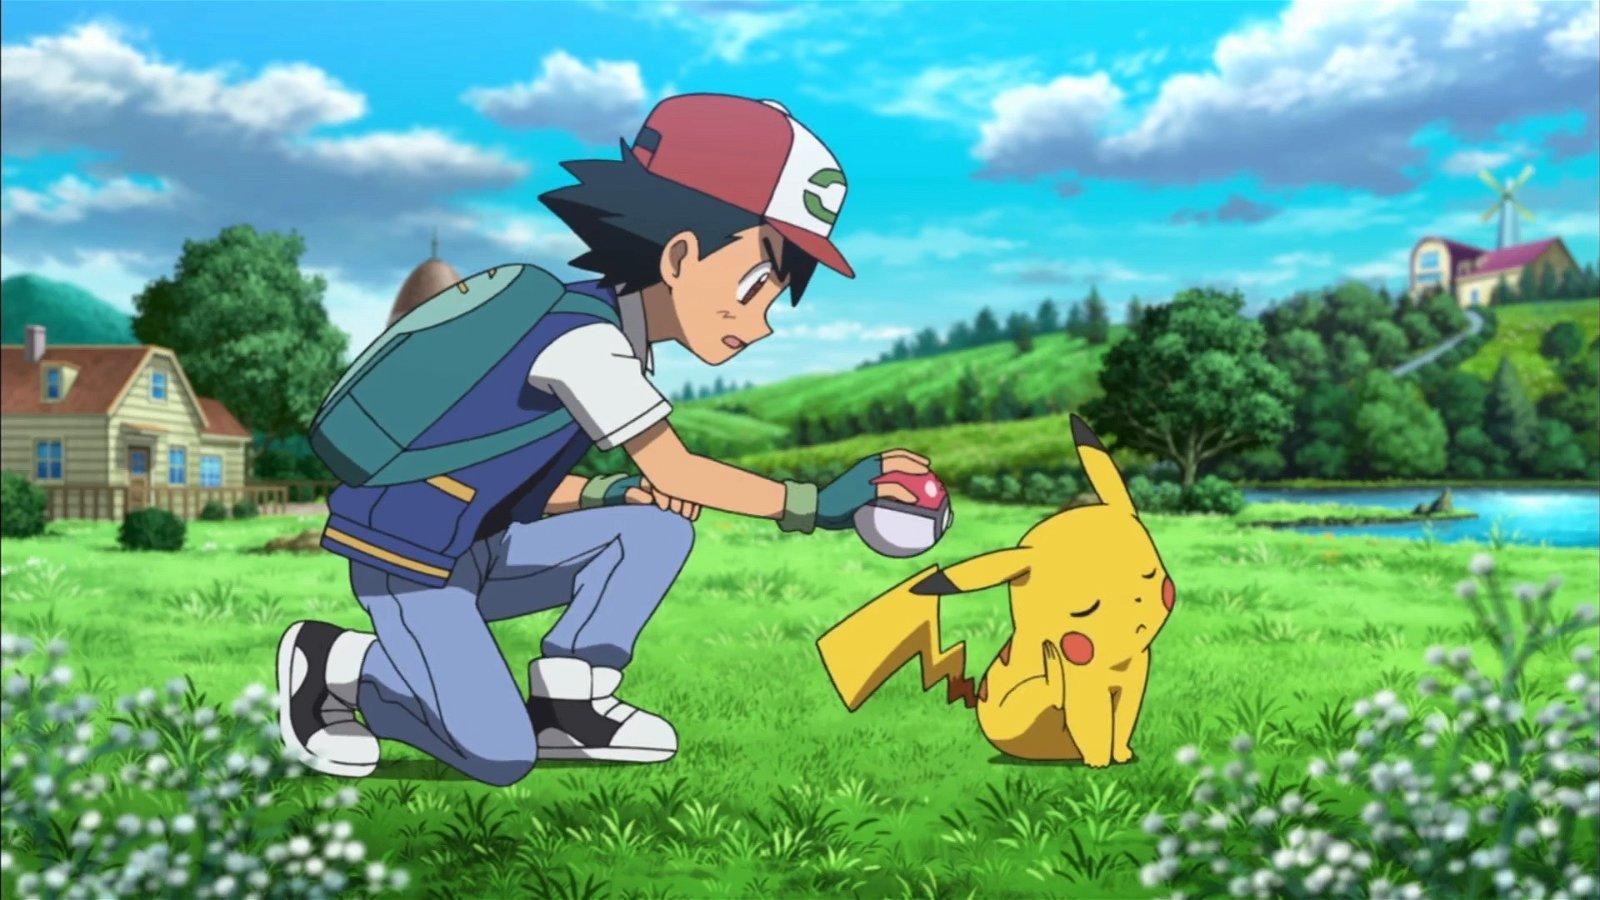 Pokémon I Choose You: La película estrena un nuevo tráiler